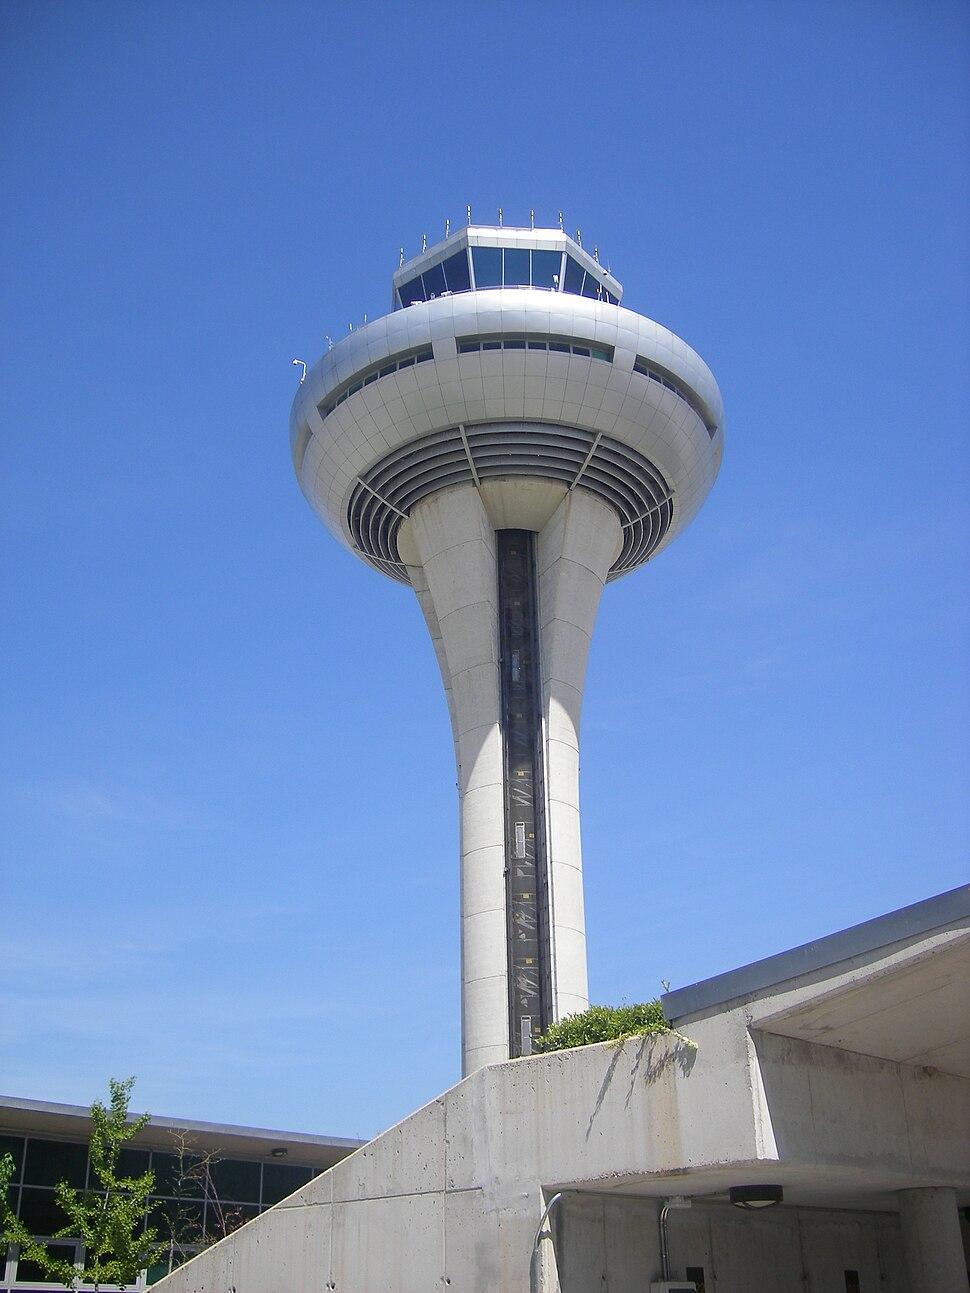 MAD-LEMD Torre de Control desde su base